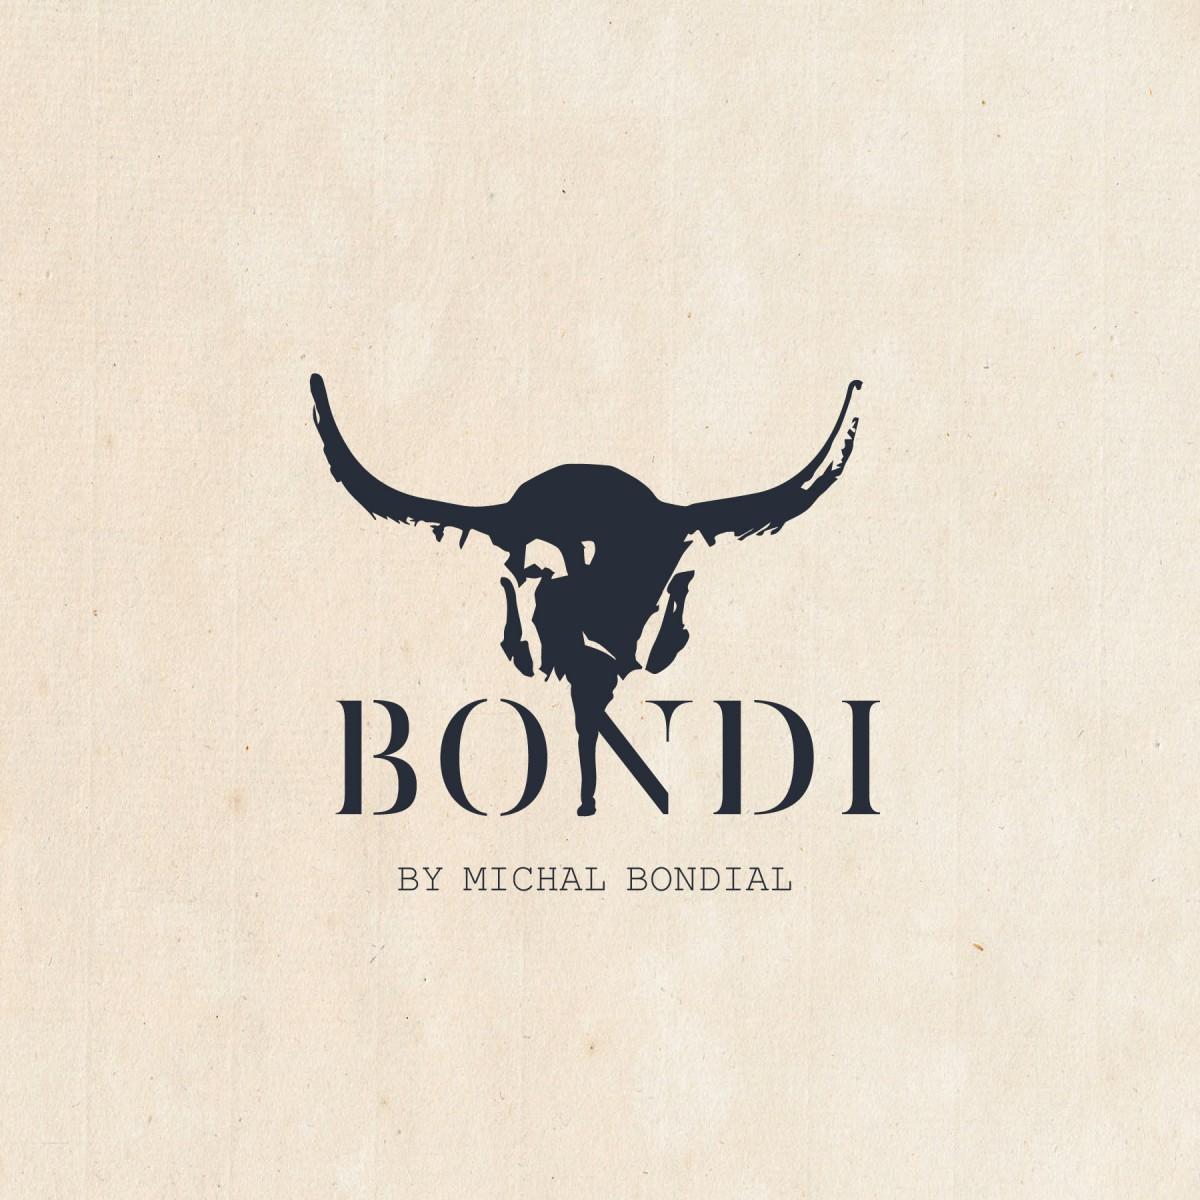 BONDI by Michal Bondial